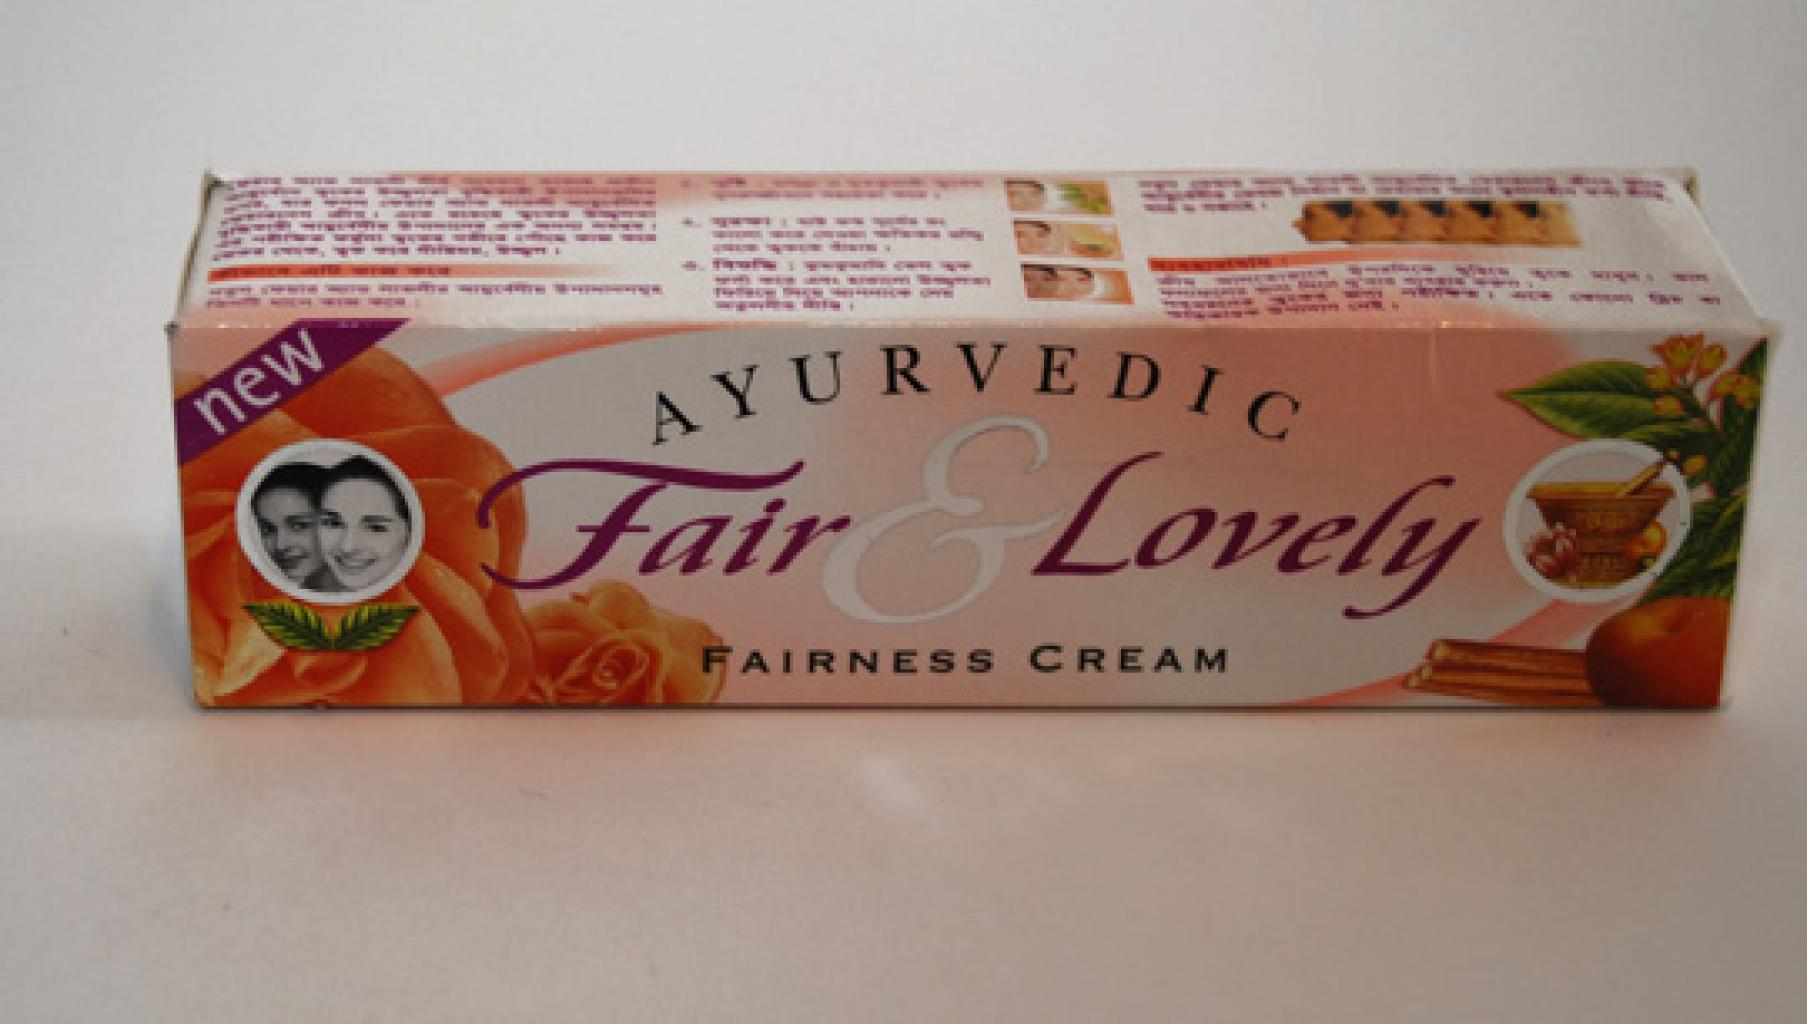 Fair and Lovely Fairness Cream gi465